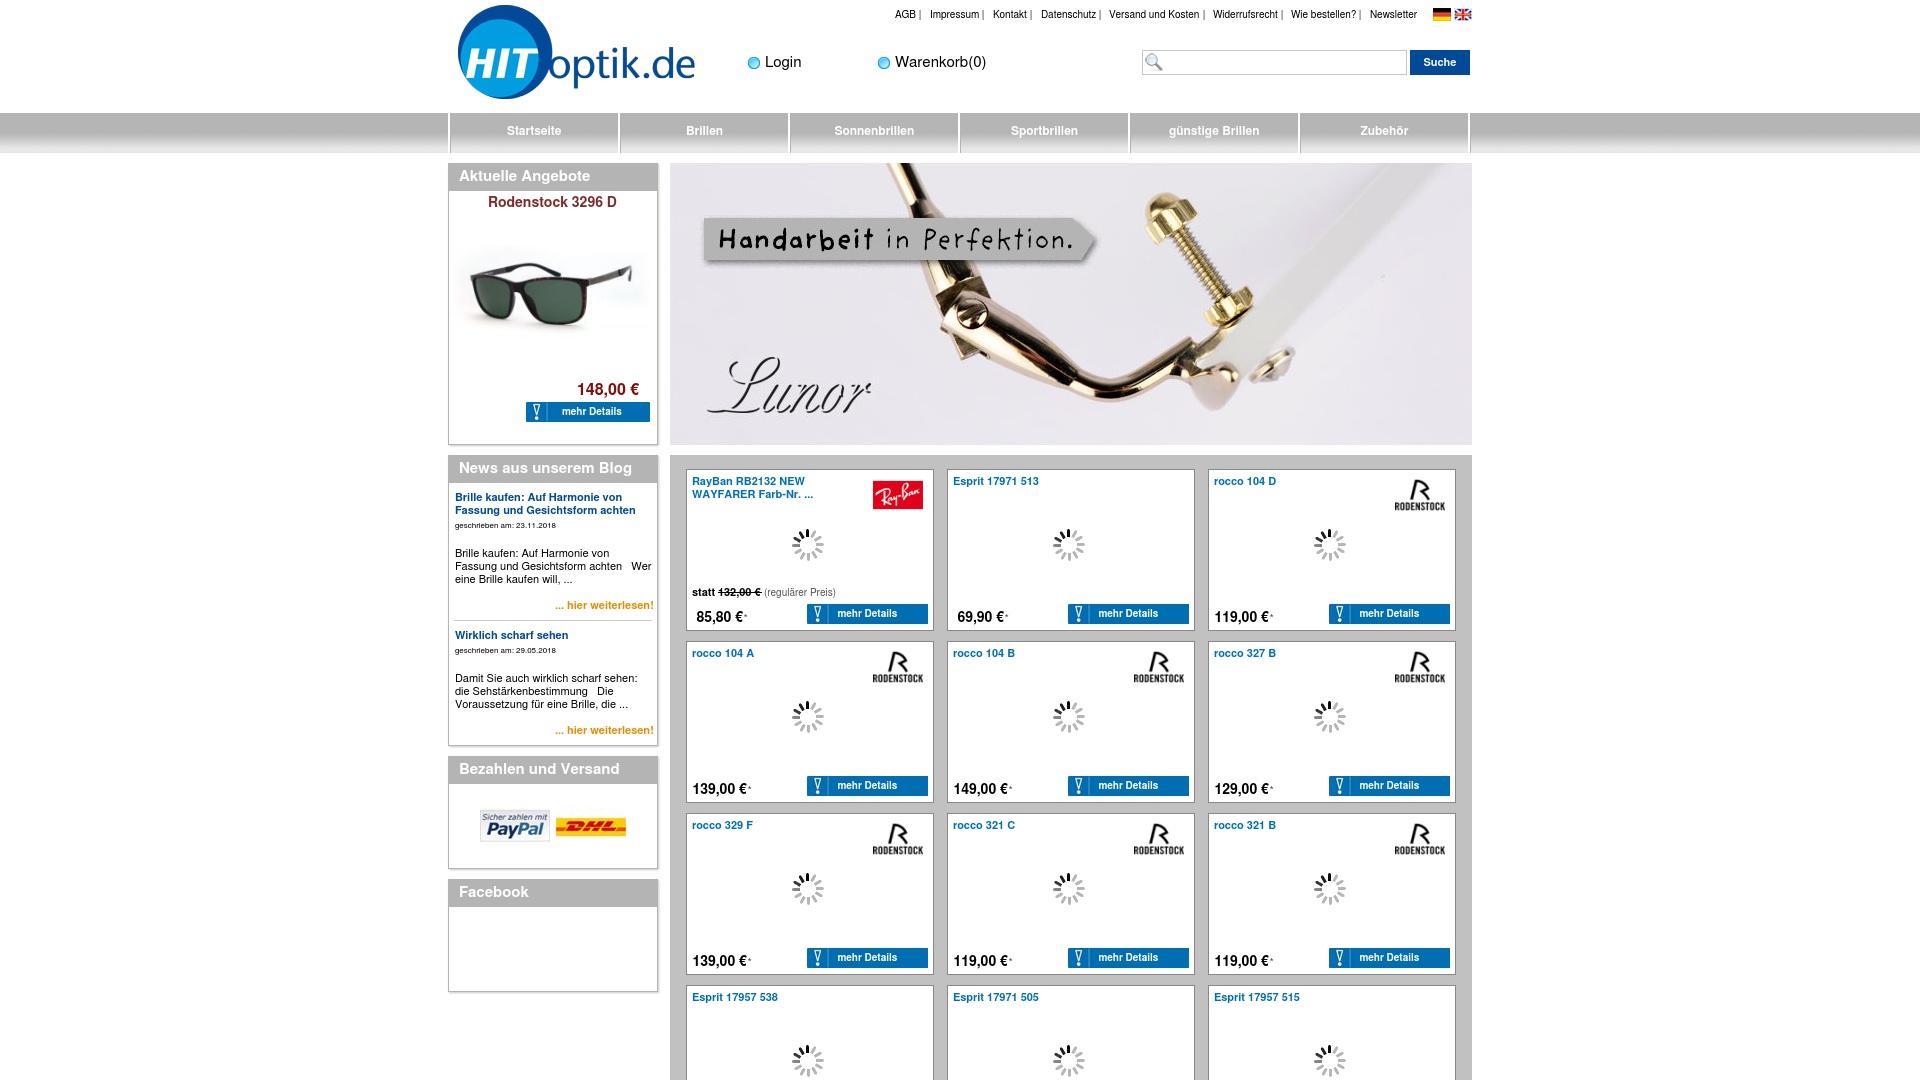 Gutschein für Hit-optik: Rabatte für  Hit-optik sichern